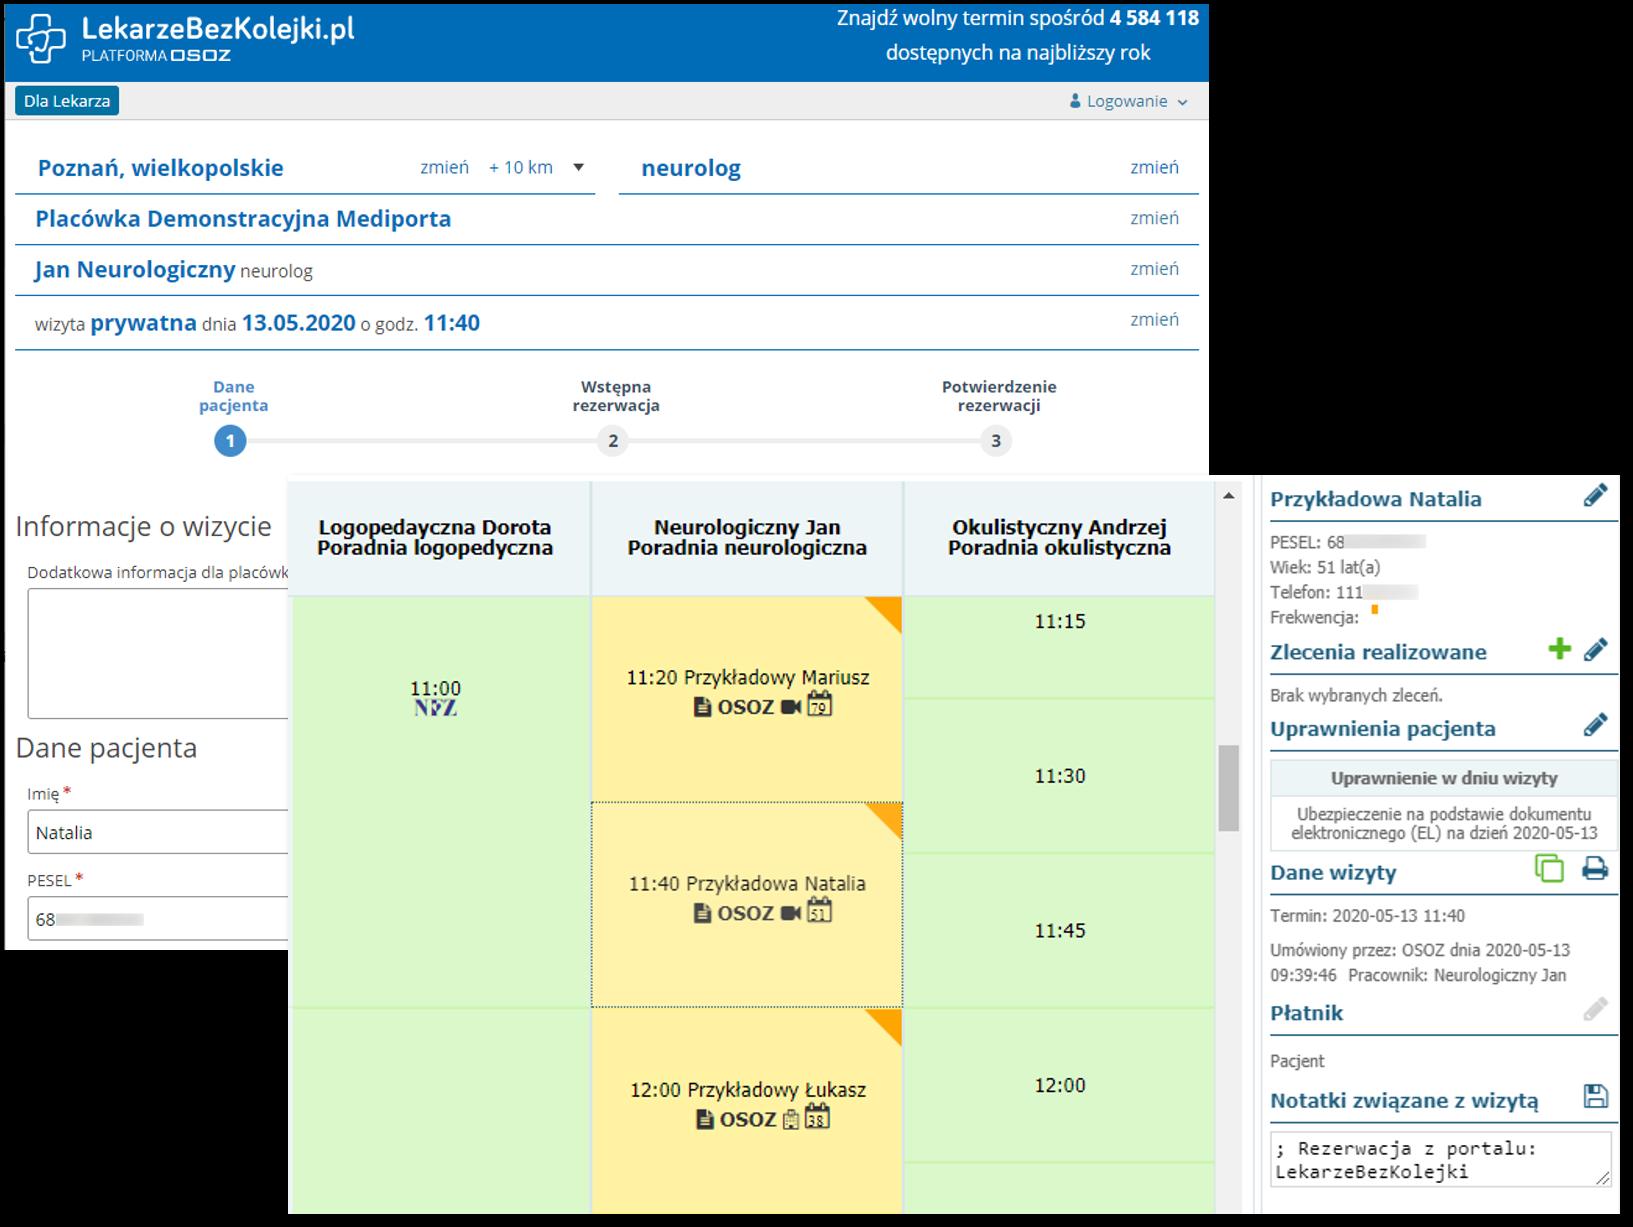 Widok kalendarza i przykładowe wizyty zarezerwowane przez pacjentów on-line